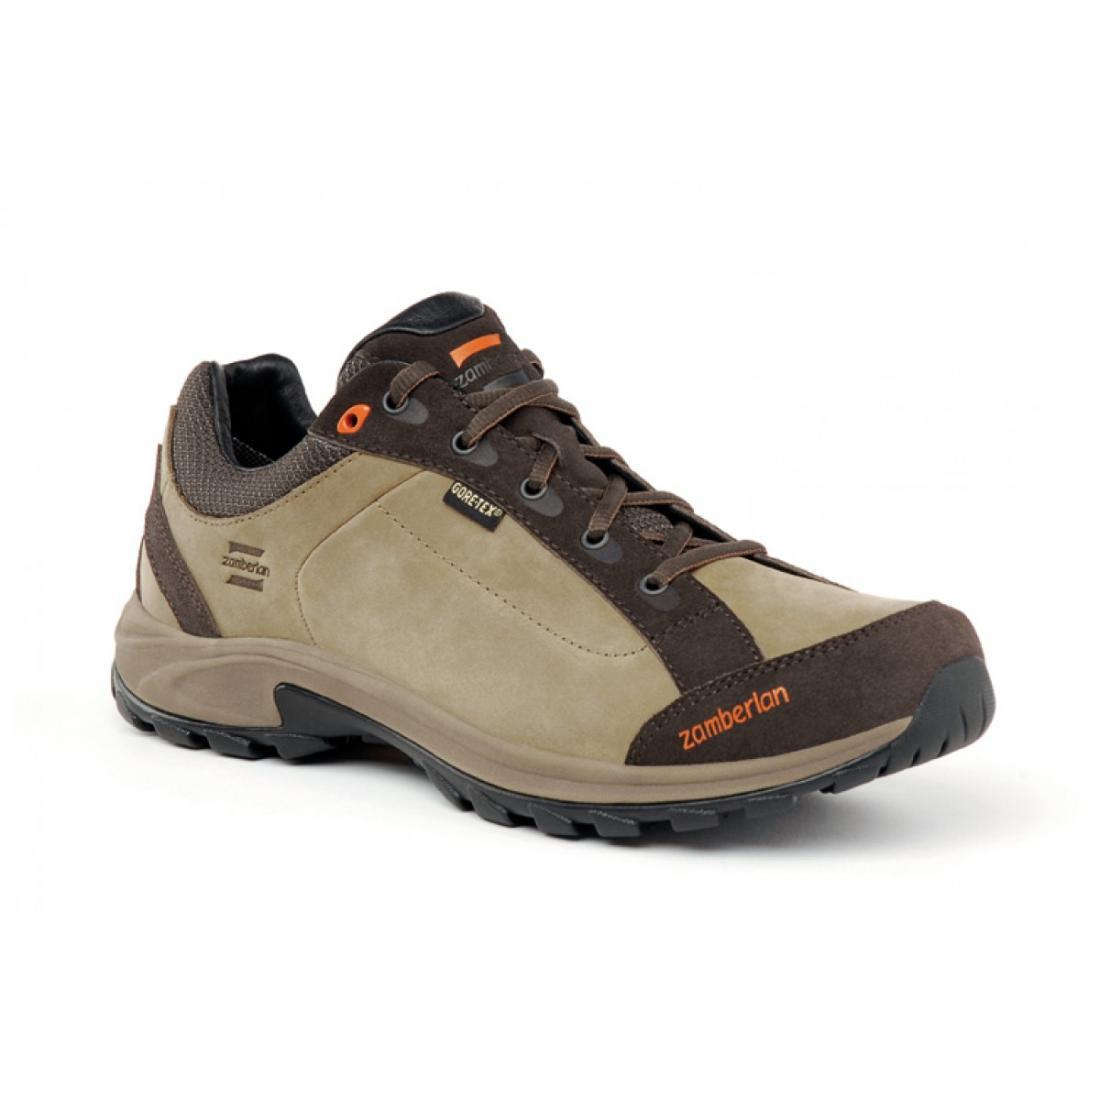 Ботинки 241 VISTA GTXТреккинговые<br>Очень комфортные стильные низкие трекинговые ботинки Vista. Идеально подходят для длительных прогулок, повседневного использования и активного отдыха. Ботинки Vista не только легкие, но надежные и прочные. Удобная посадка, эксклюзивная подошва Zamberlan V...<br><br>Цвет: Коричневый<br>Размер: 44